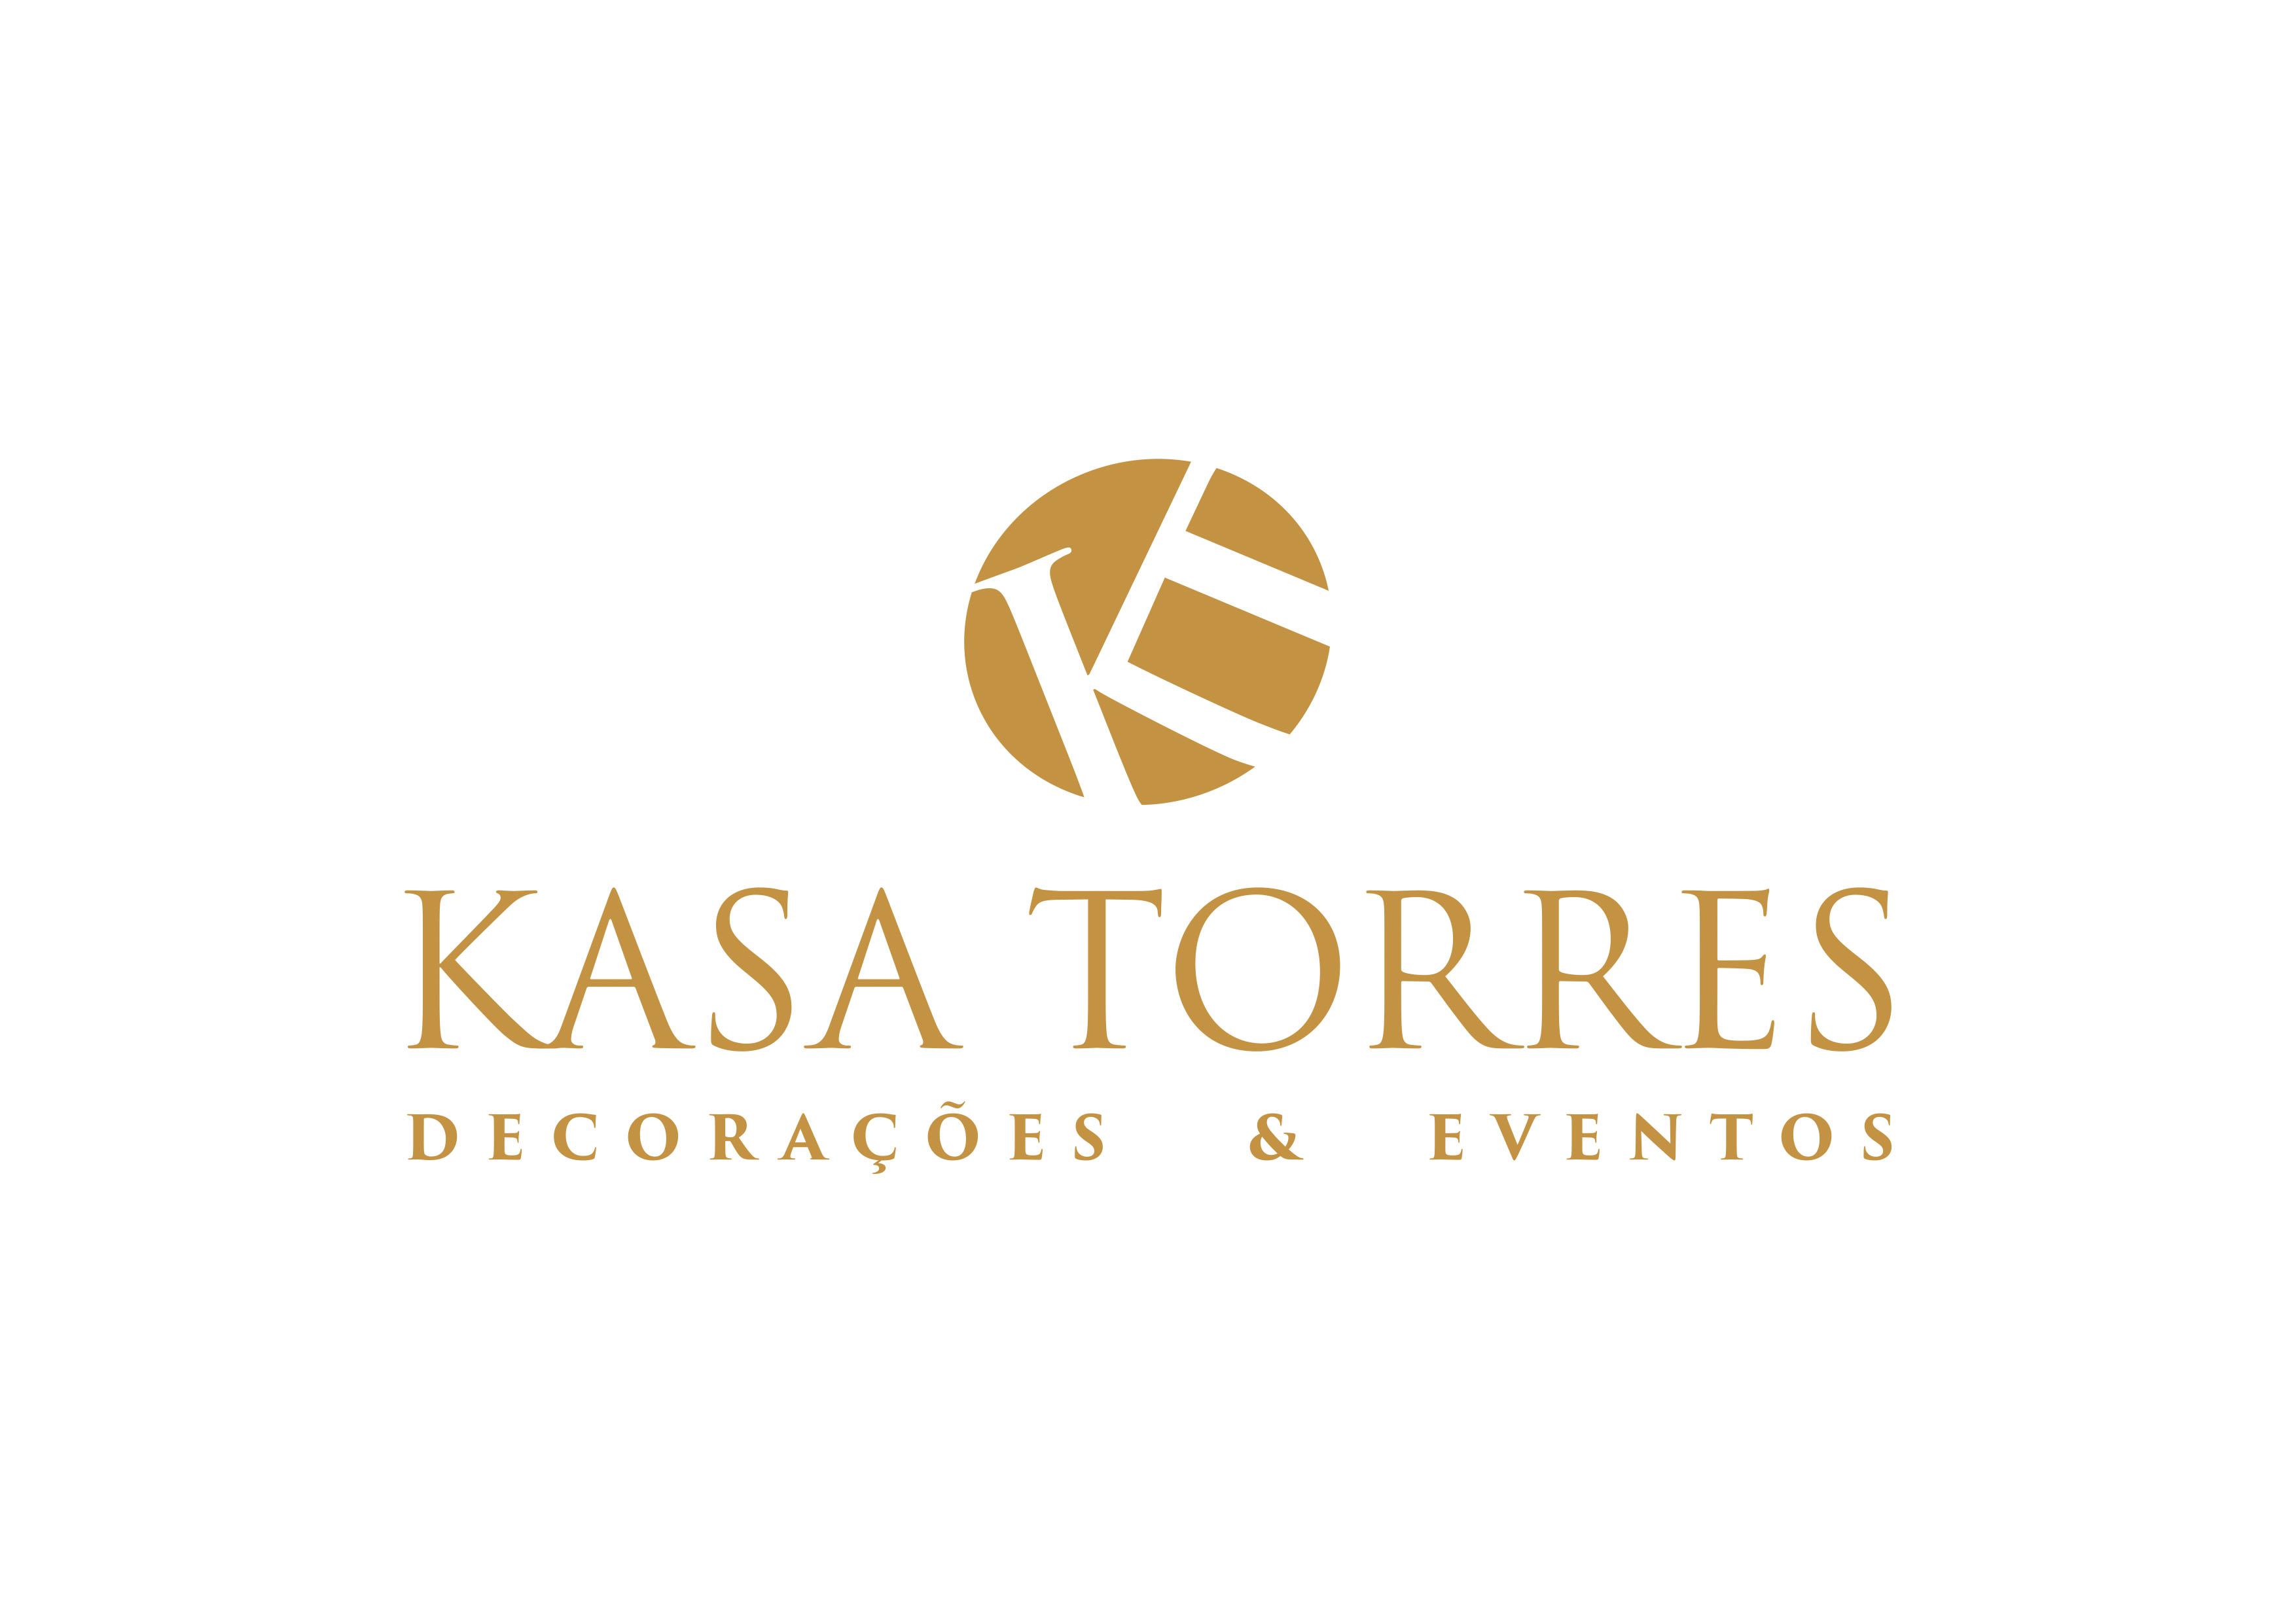 Kasa Torres Decorações & Eventos